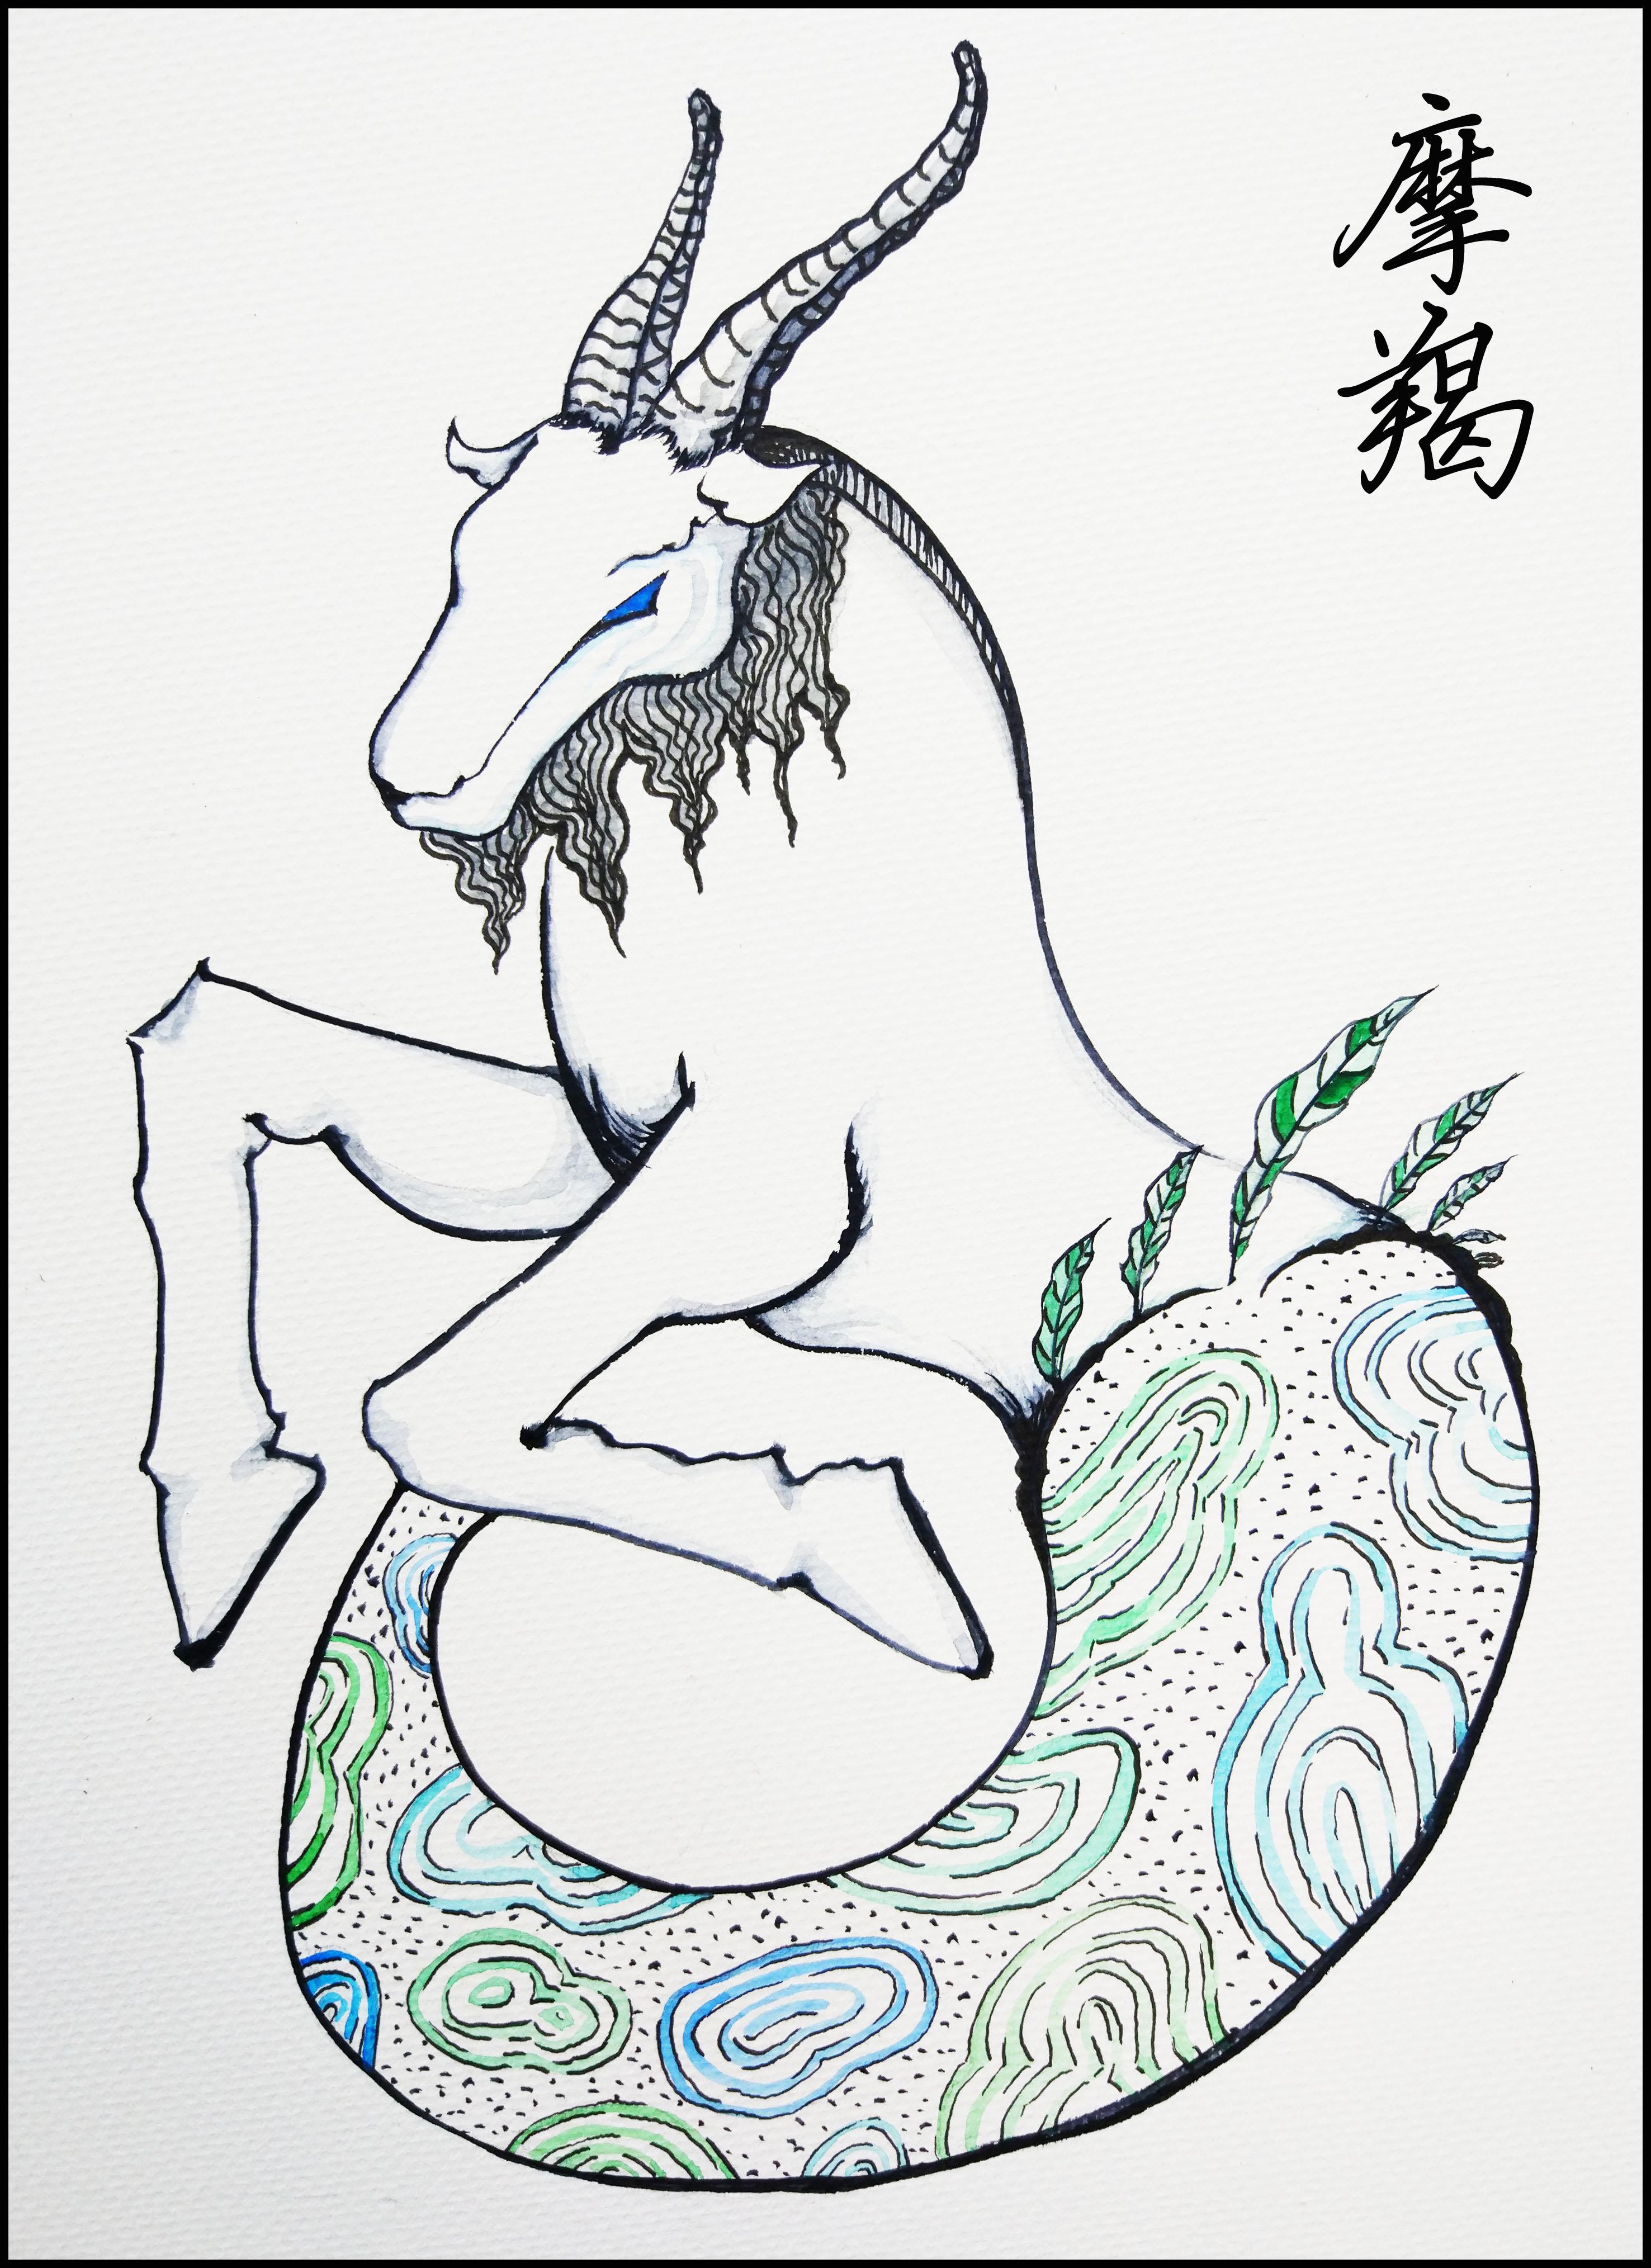 我是摩羯座插画淡彩画摩羯座星座图|水星|钢笔商业落入狮子座图片